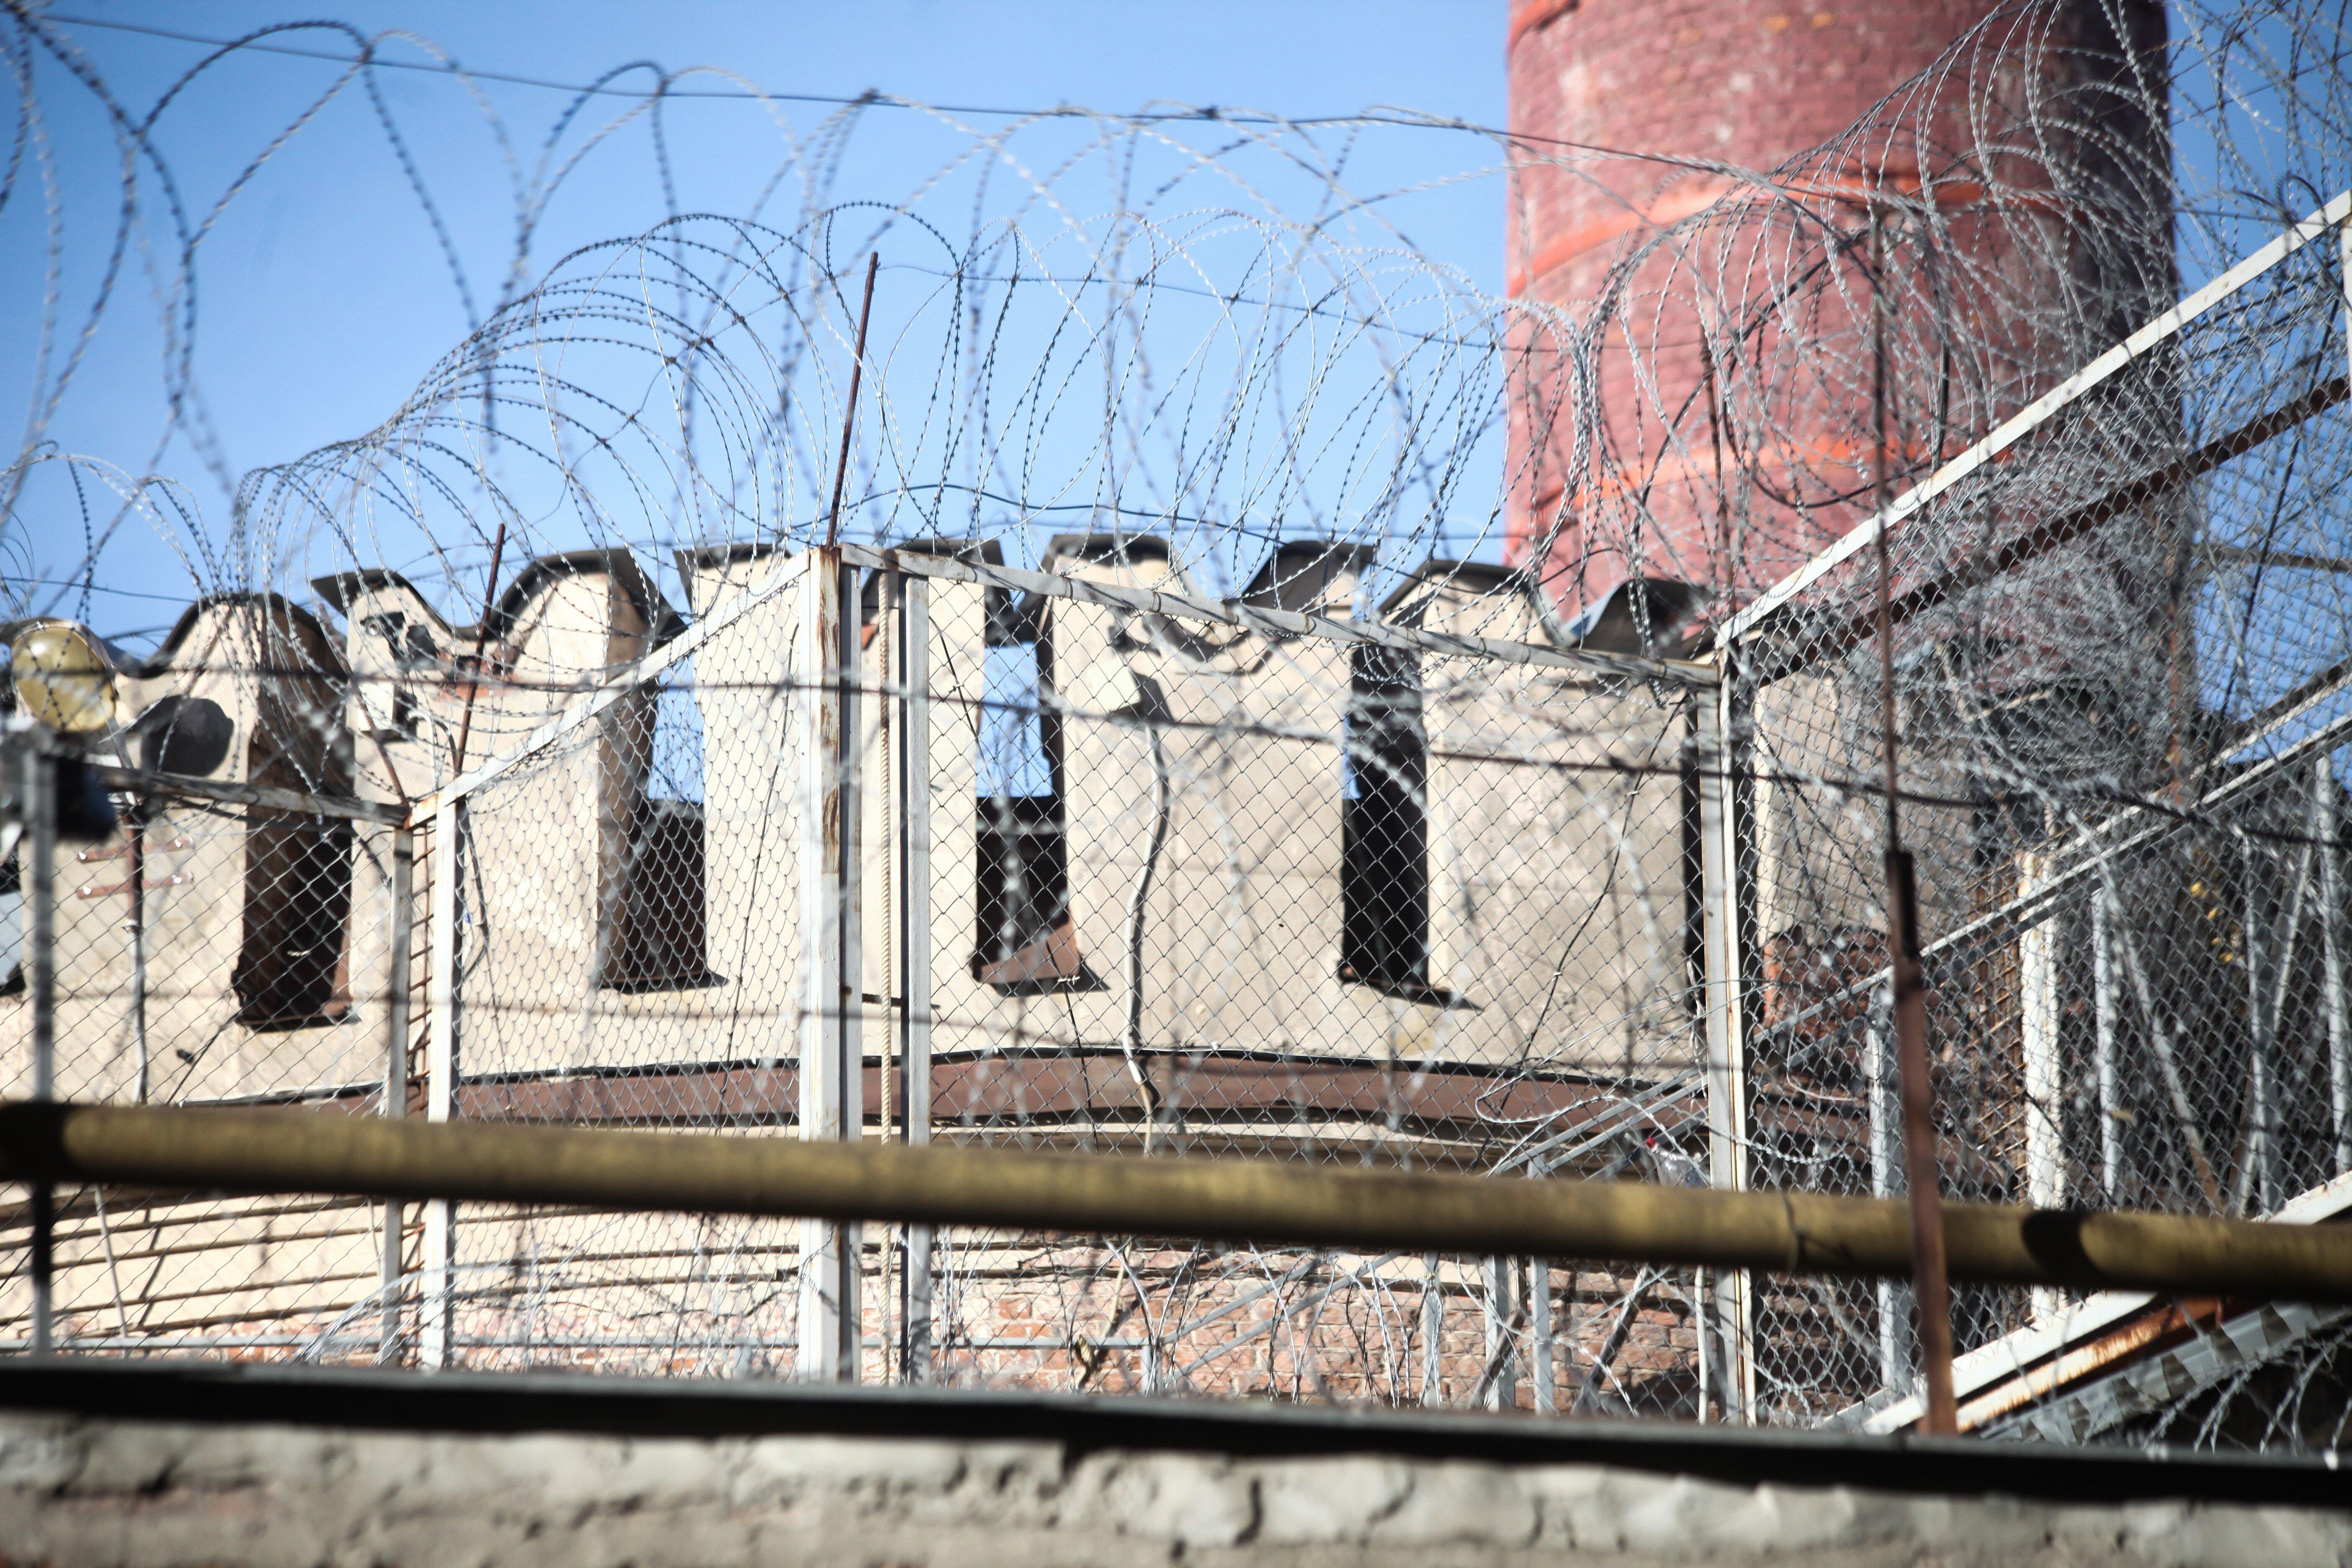 Пятеро уроженцев Таджикистана получили длительные сроки за подготовку теракта в Москве